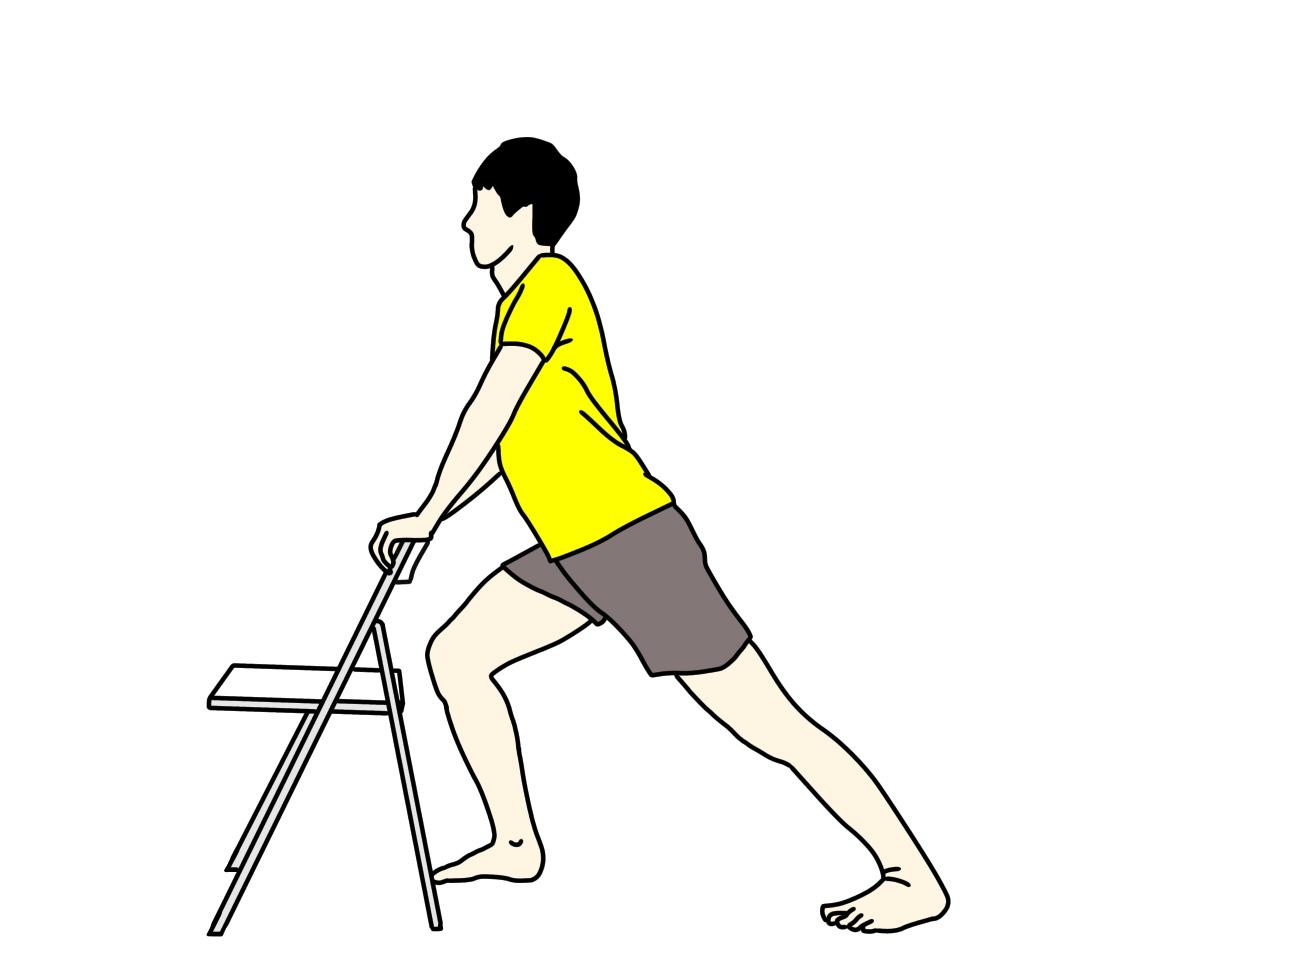 椅子につかまって行うふくらはぎの筋肉(下腿三頭筋)のストレッチの方法